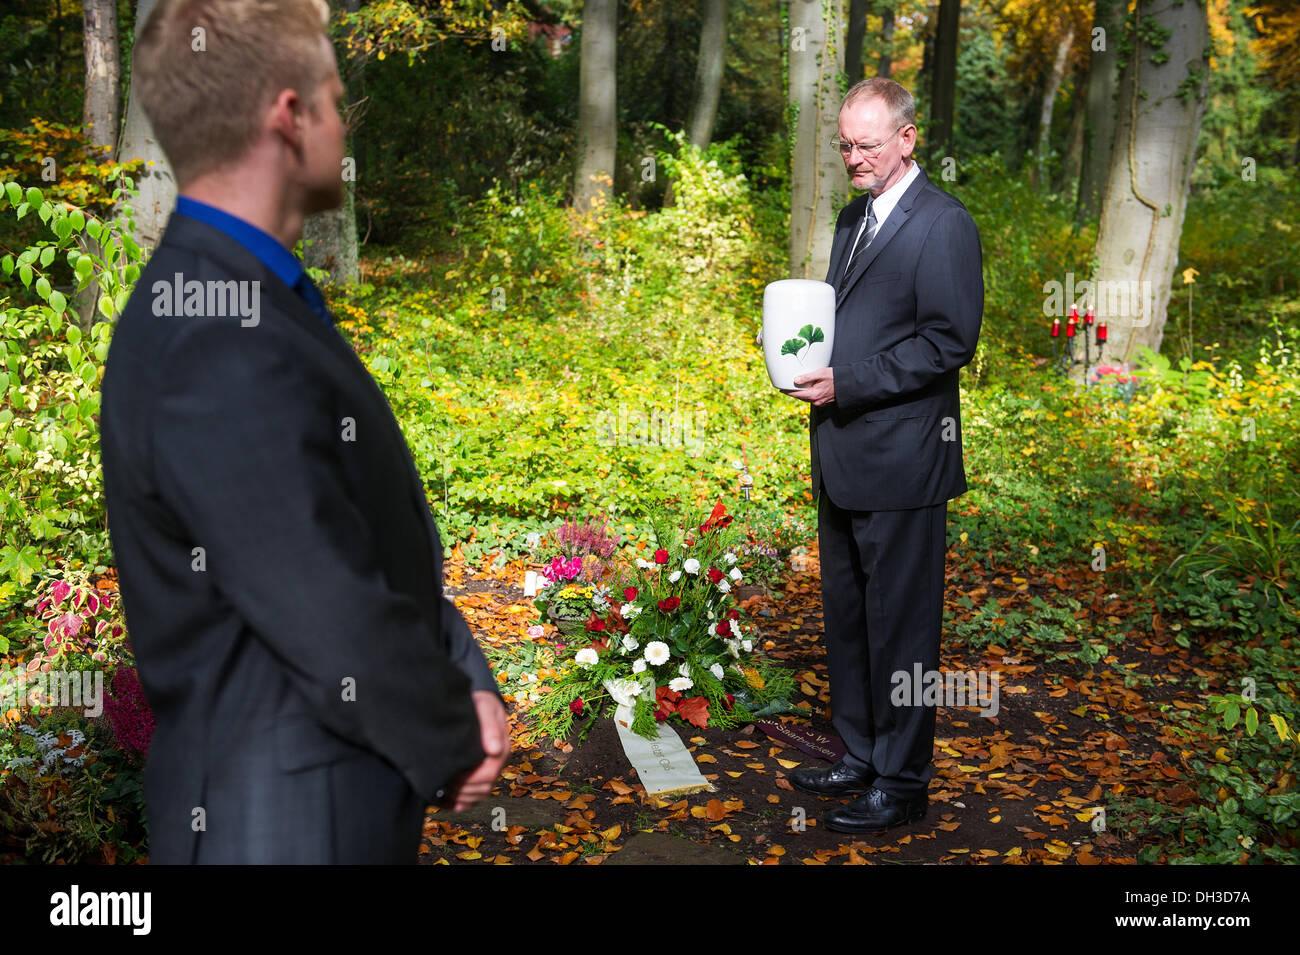 Saarbruecken, Alemania. 22 Oct, 2013. Los undertakers Hubert Laubach (R) y Hubert Marc Laubach stand en la zona Foto de stock